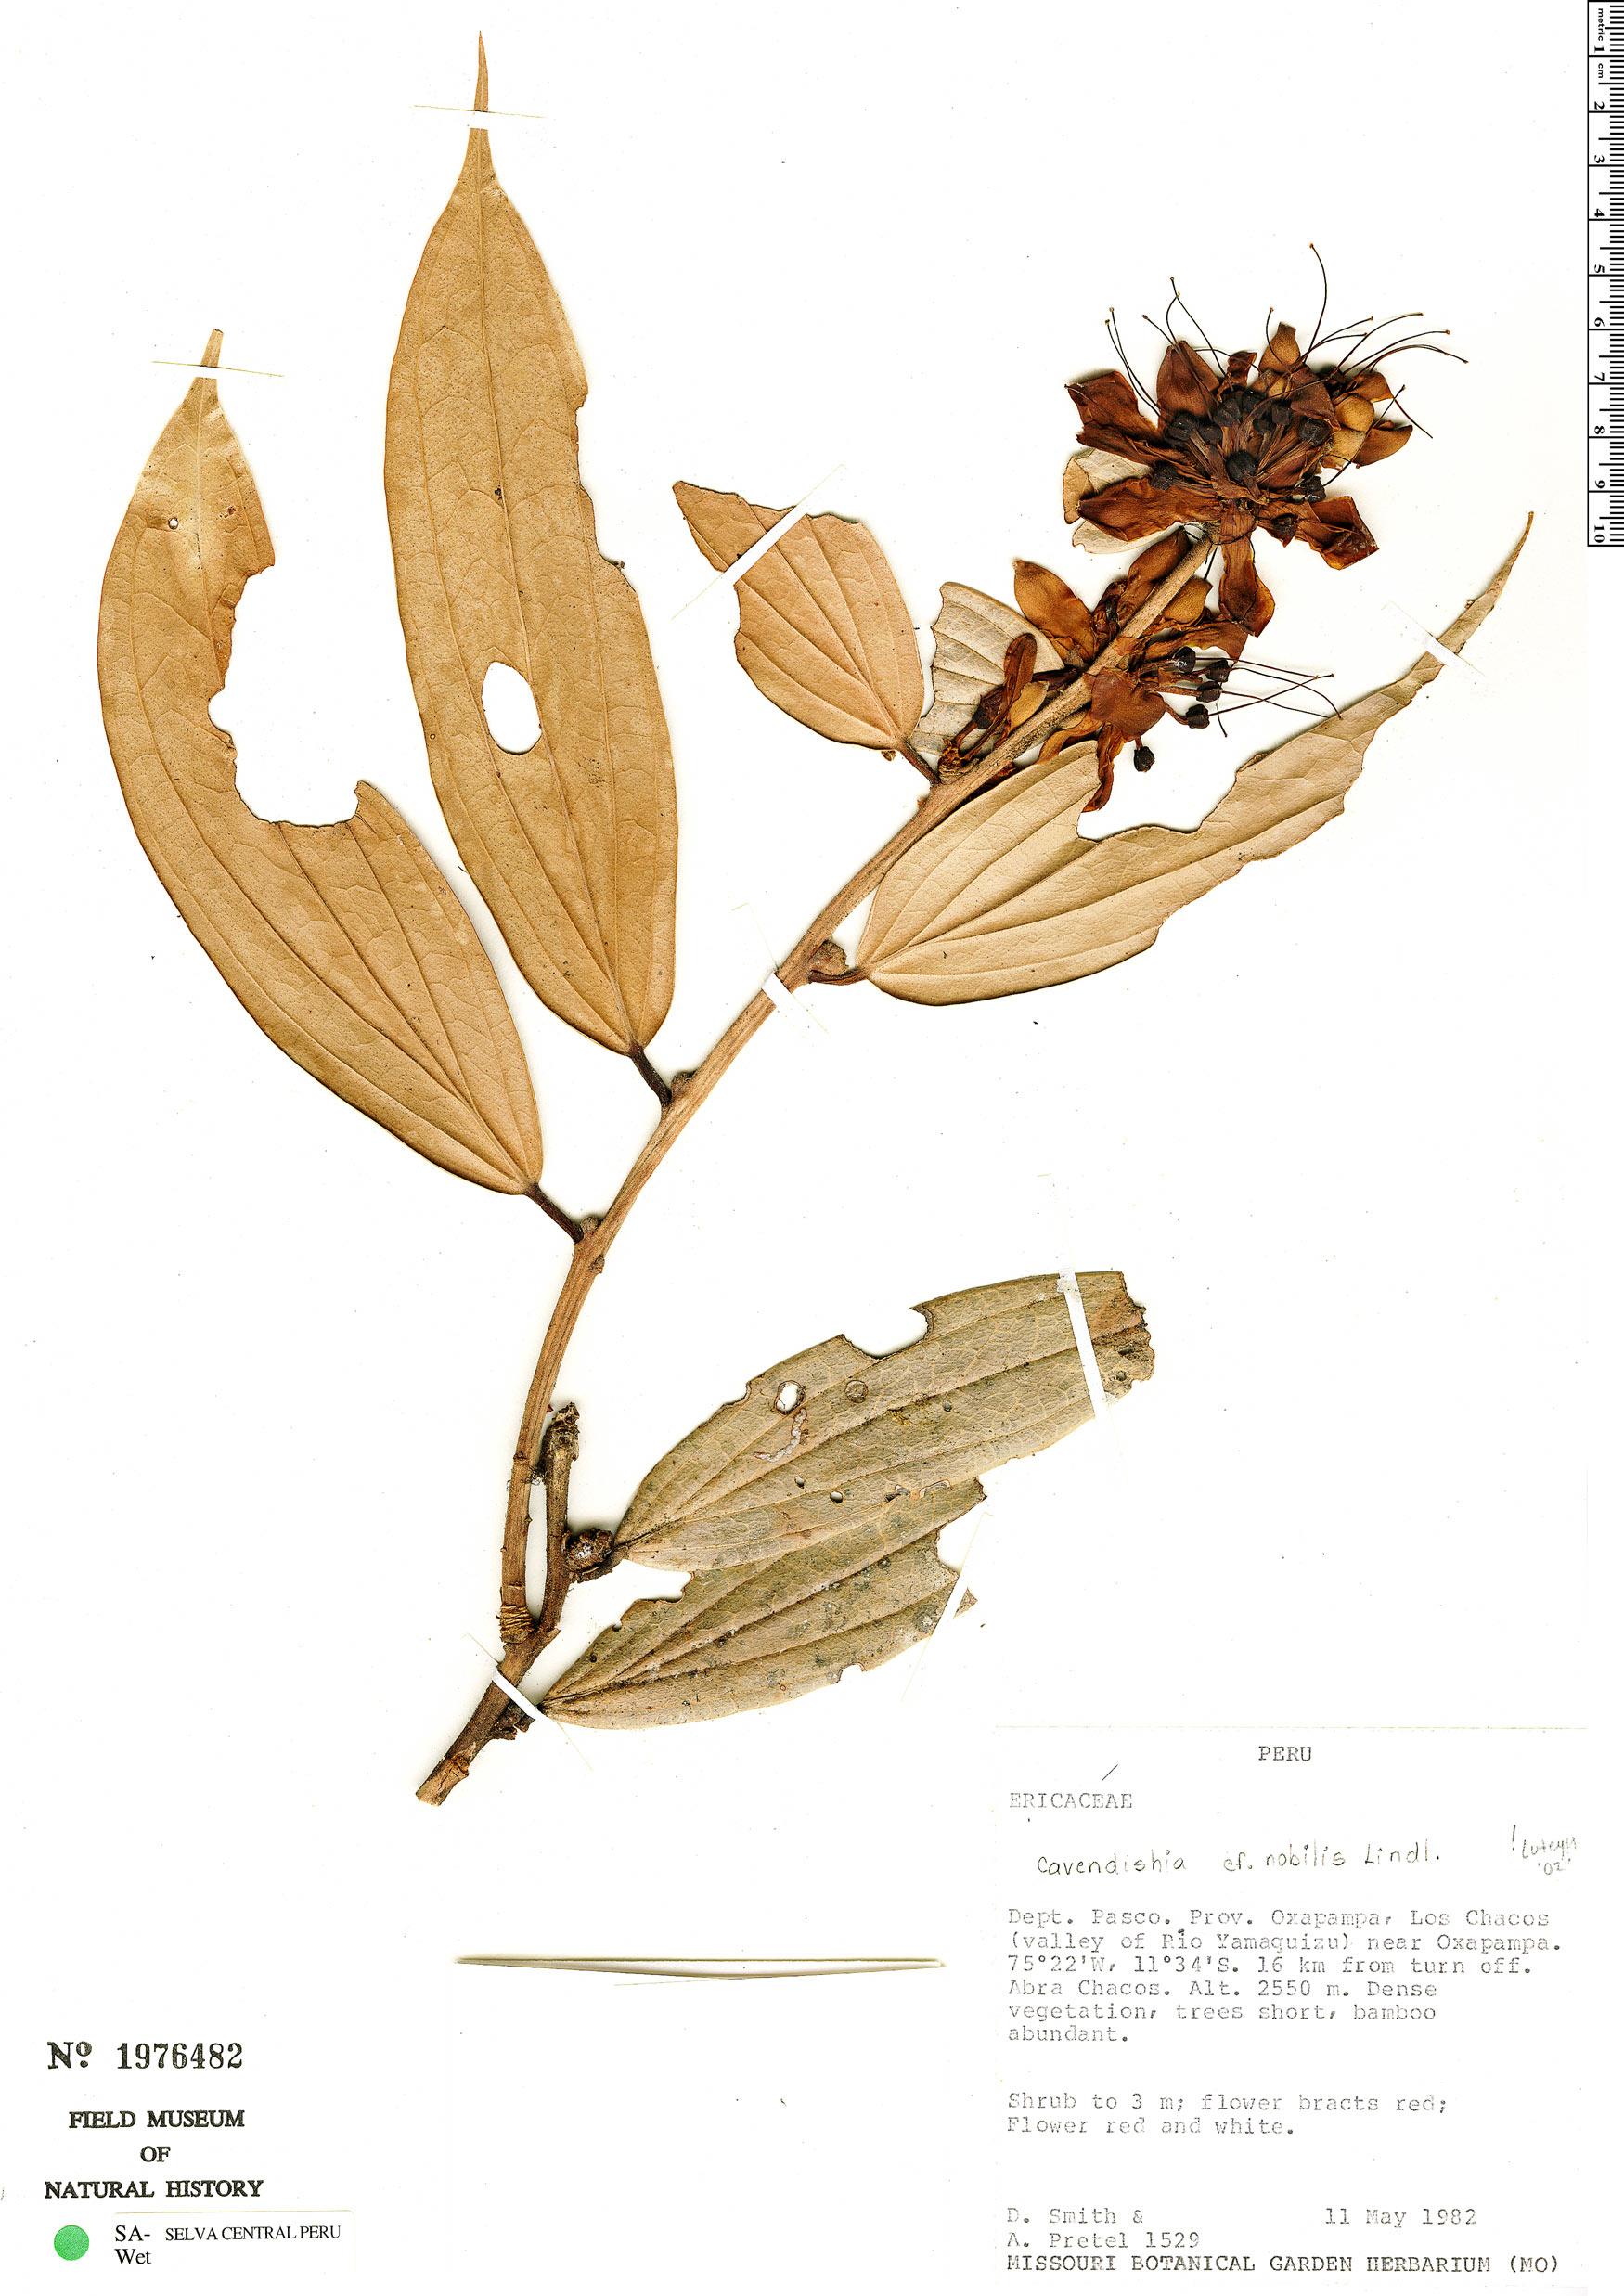 Specimen: Cavendishia nobilis